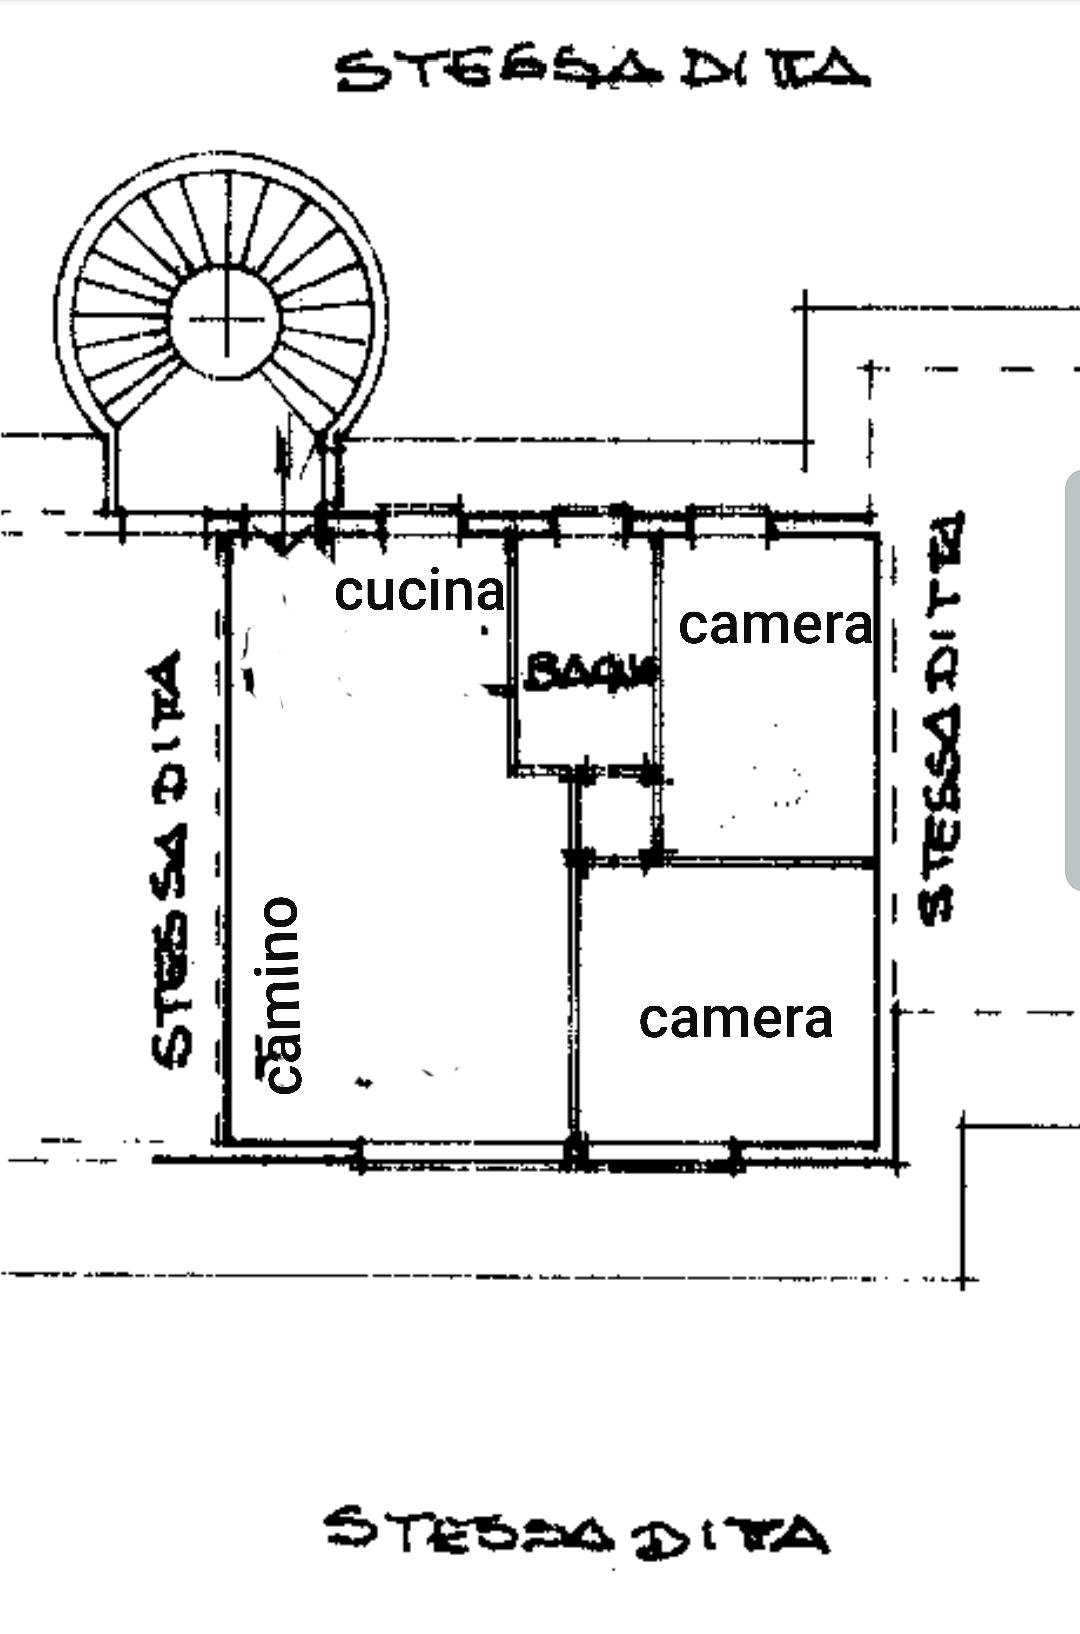 Terminillo centro trilocale ristrutturato termoautonomo caminetto e panorama